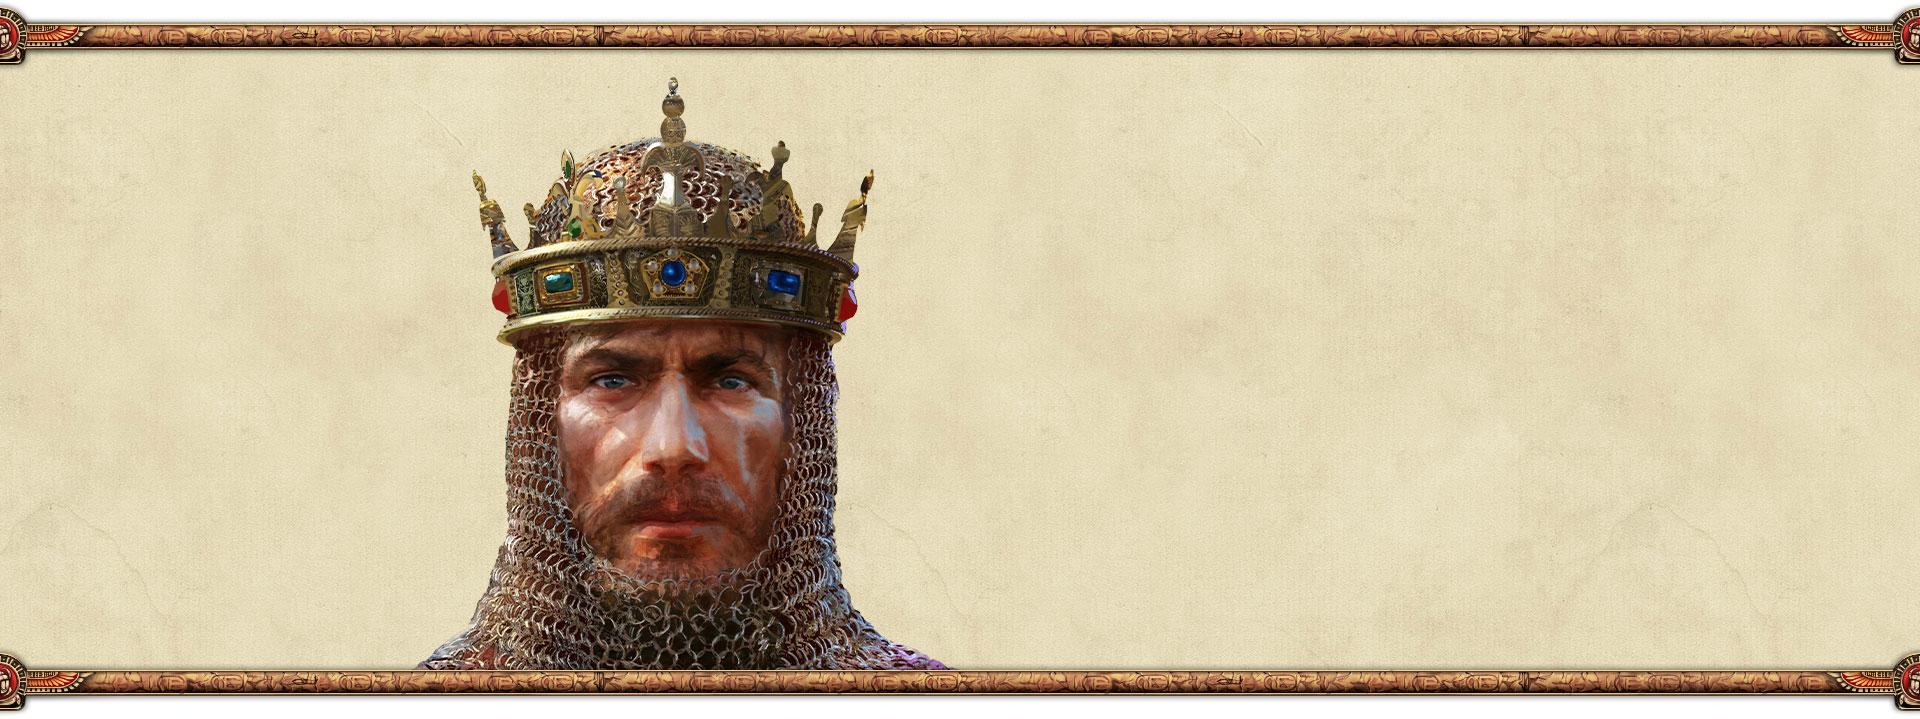 Frontansicht eines Königs mit seiner Krone